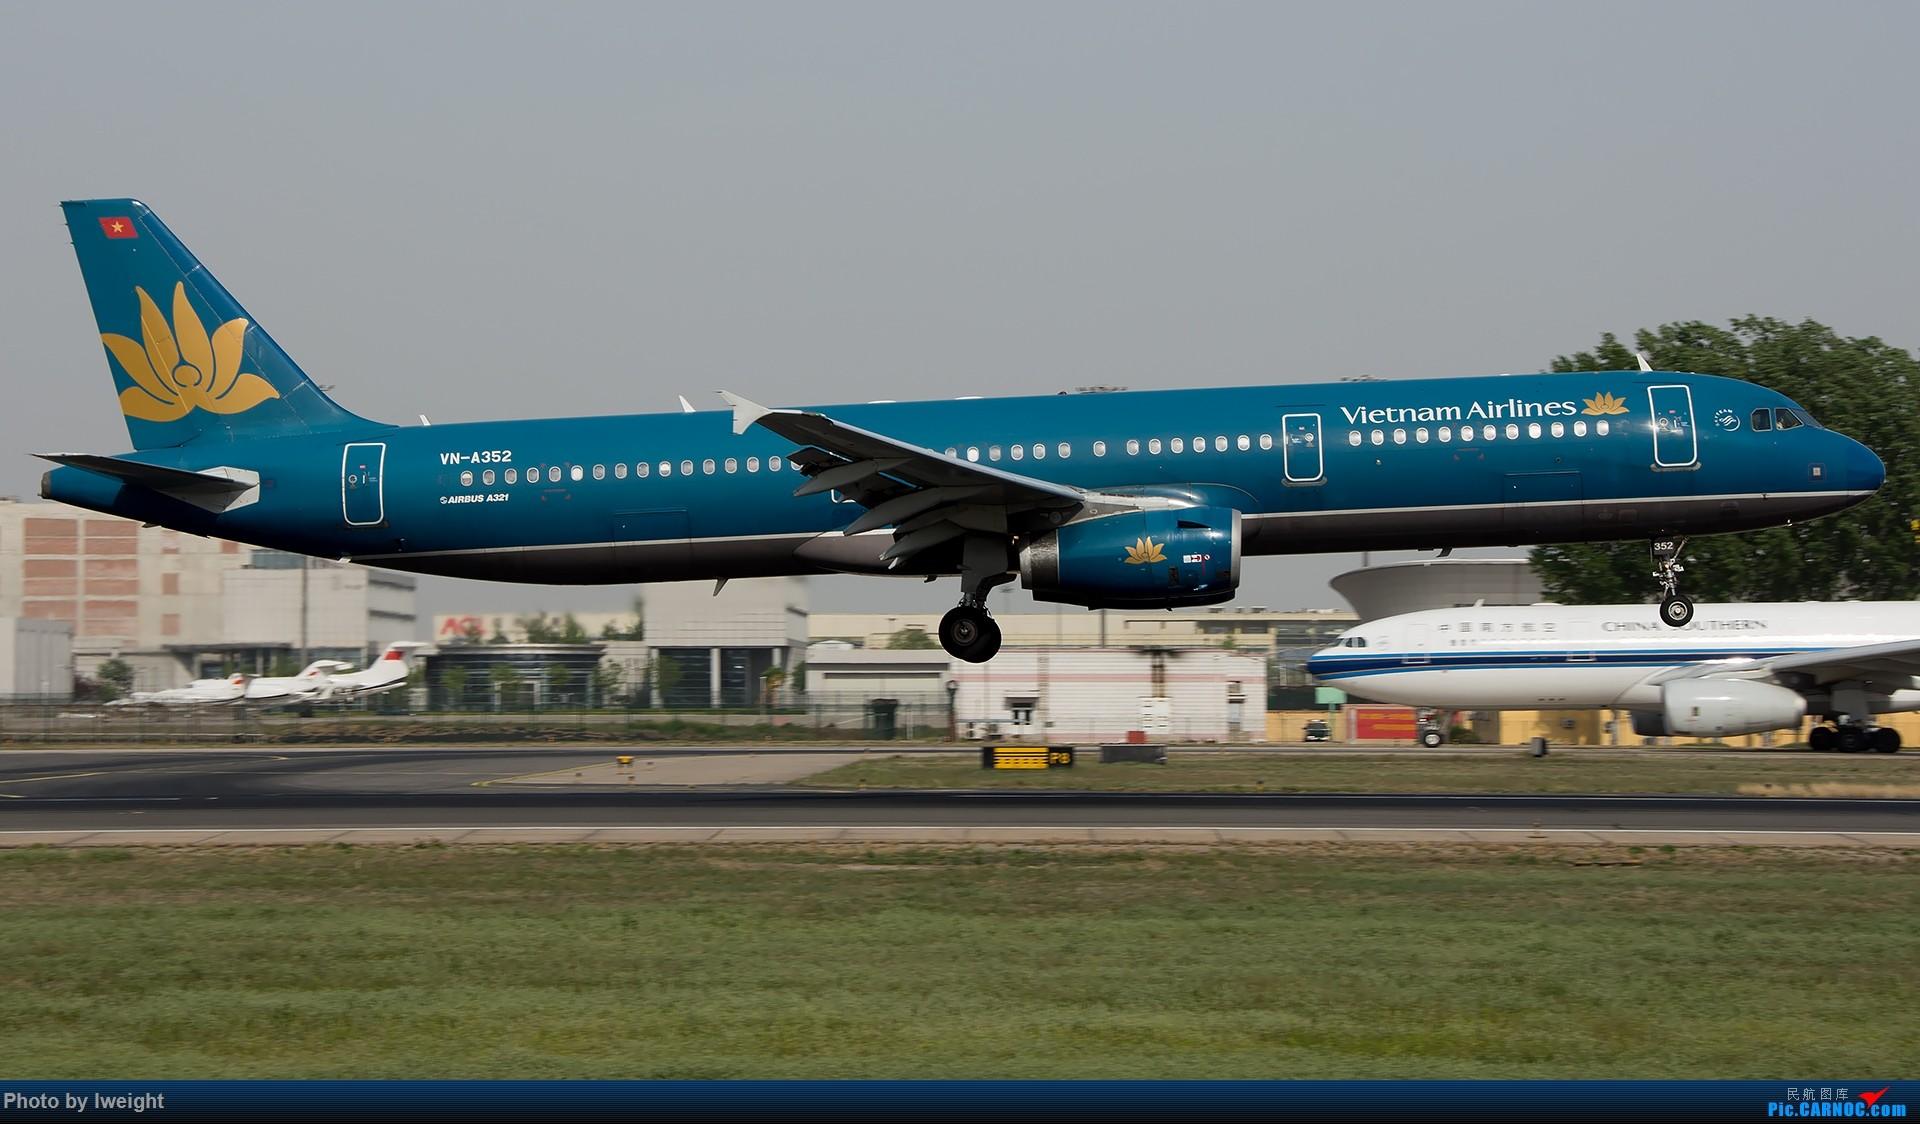 Re:[原创]天气晴朗,继续守候18R【多图】 AIRBUS A321-200 VN-A352 中国北京首都国际机场